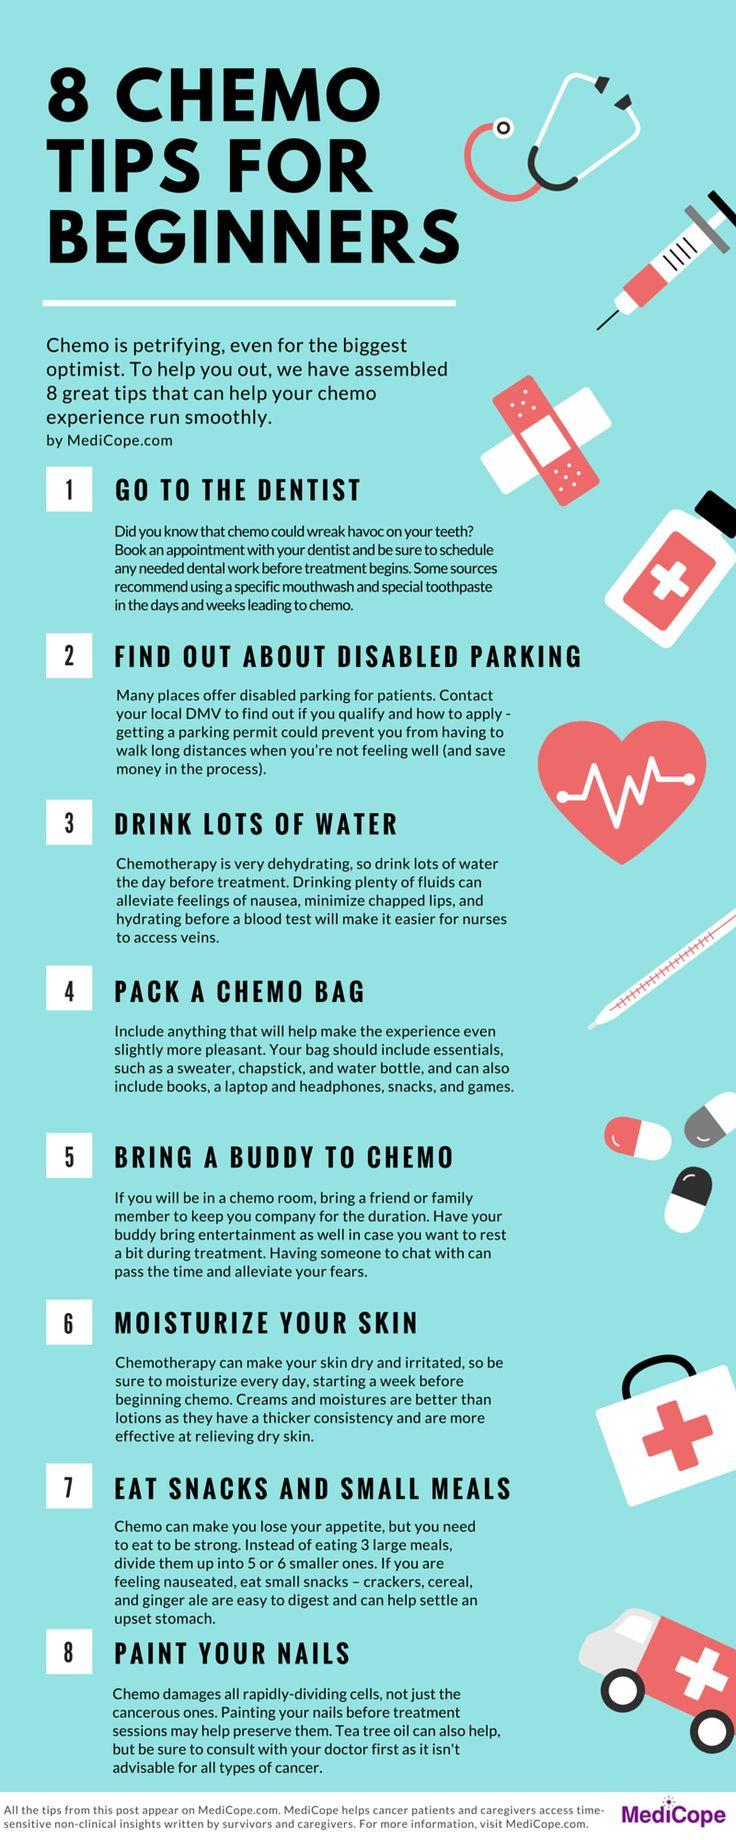 8 Chemo Tips for Beginners - Medicope.com